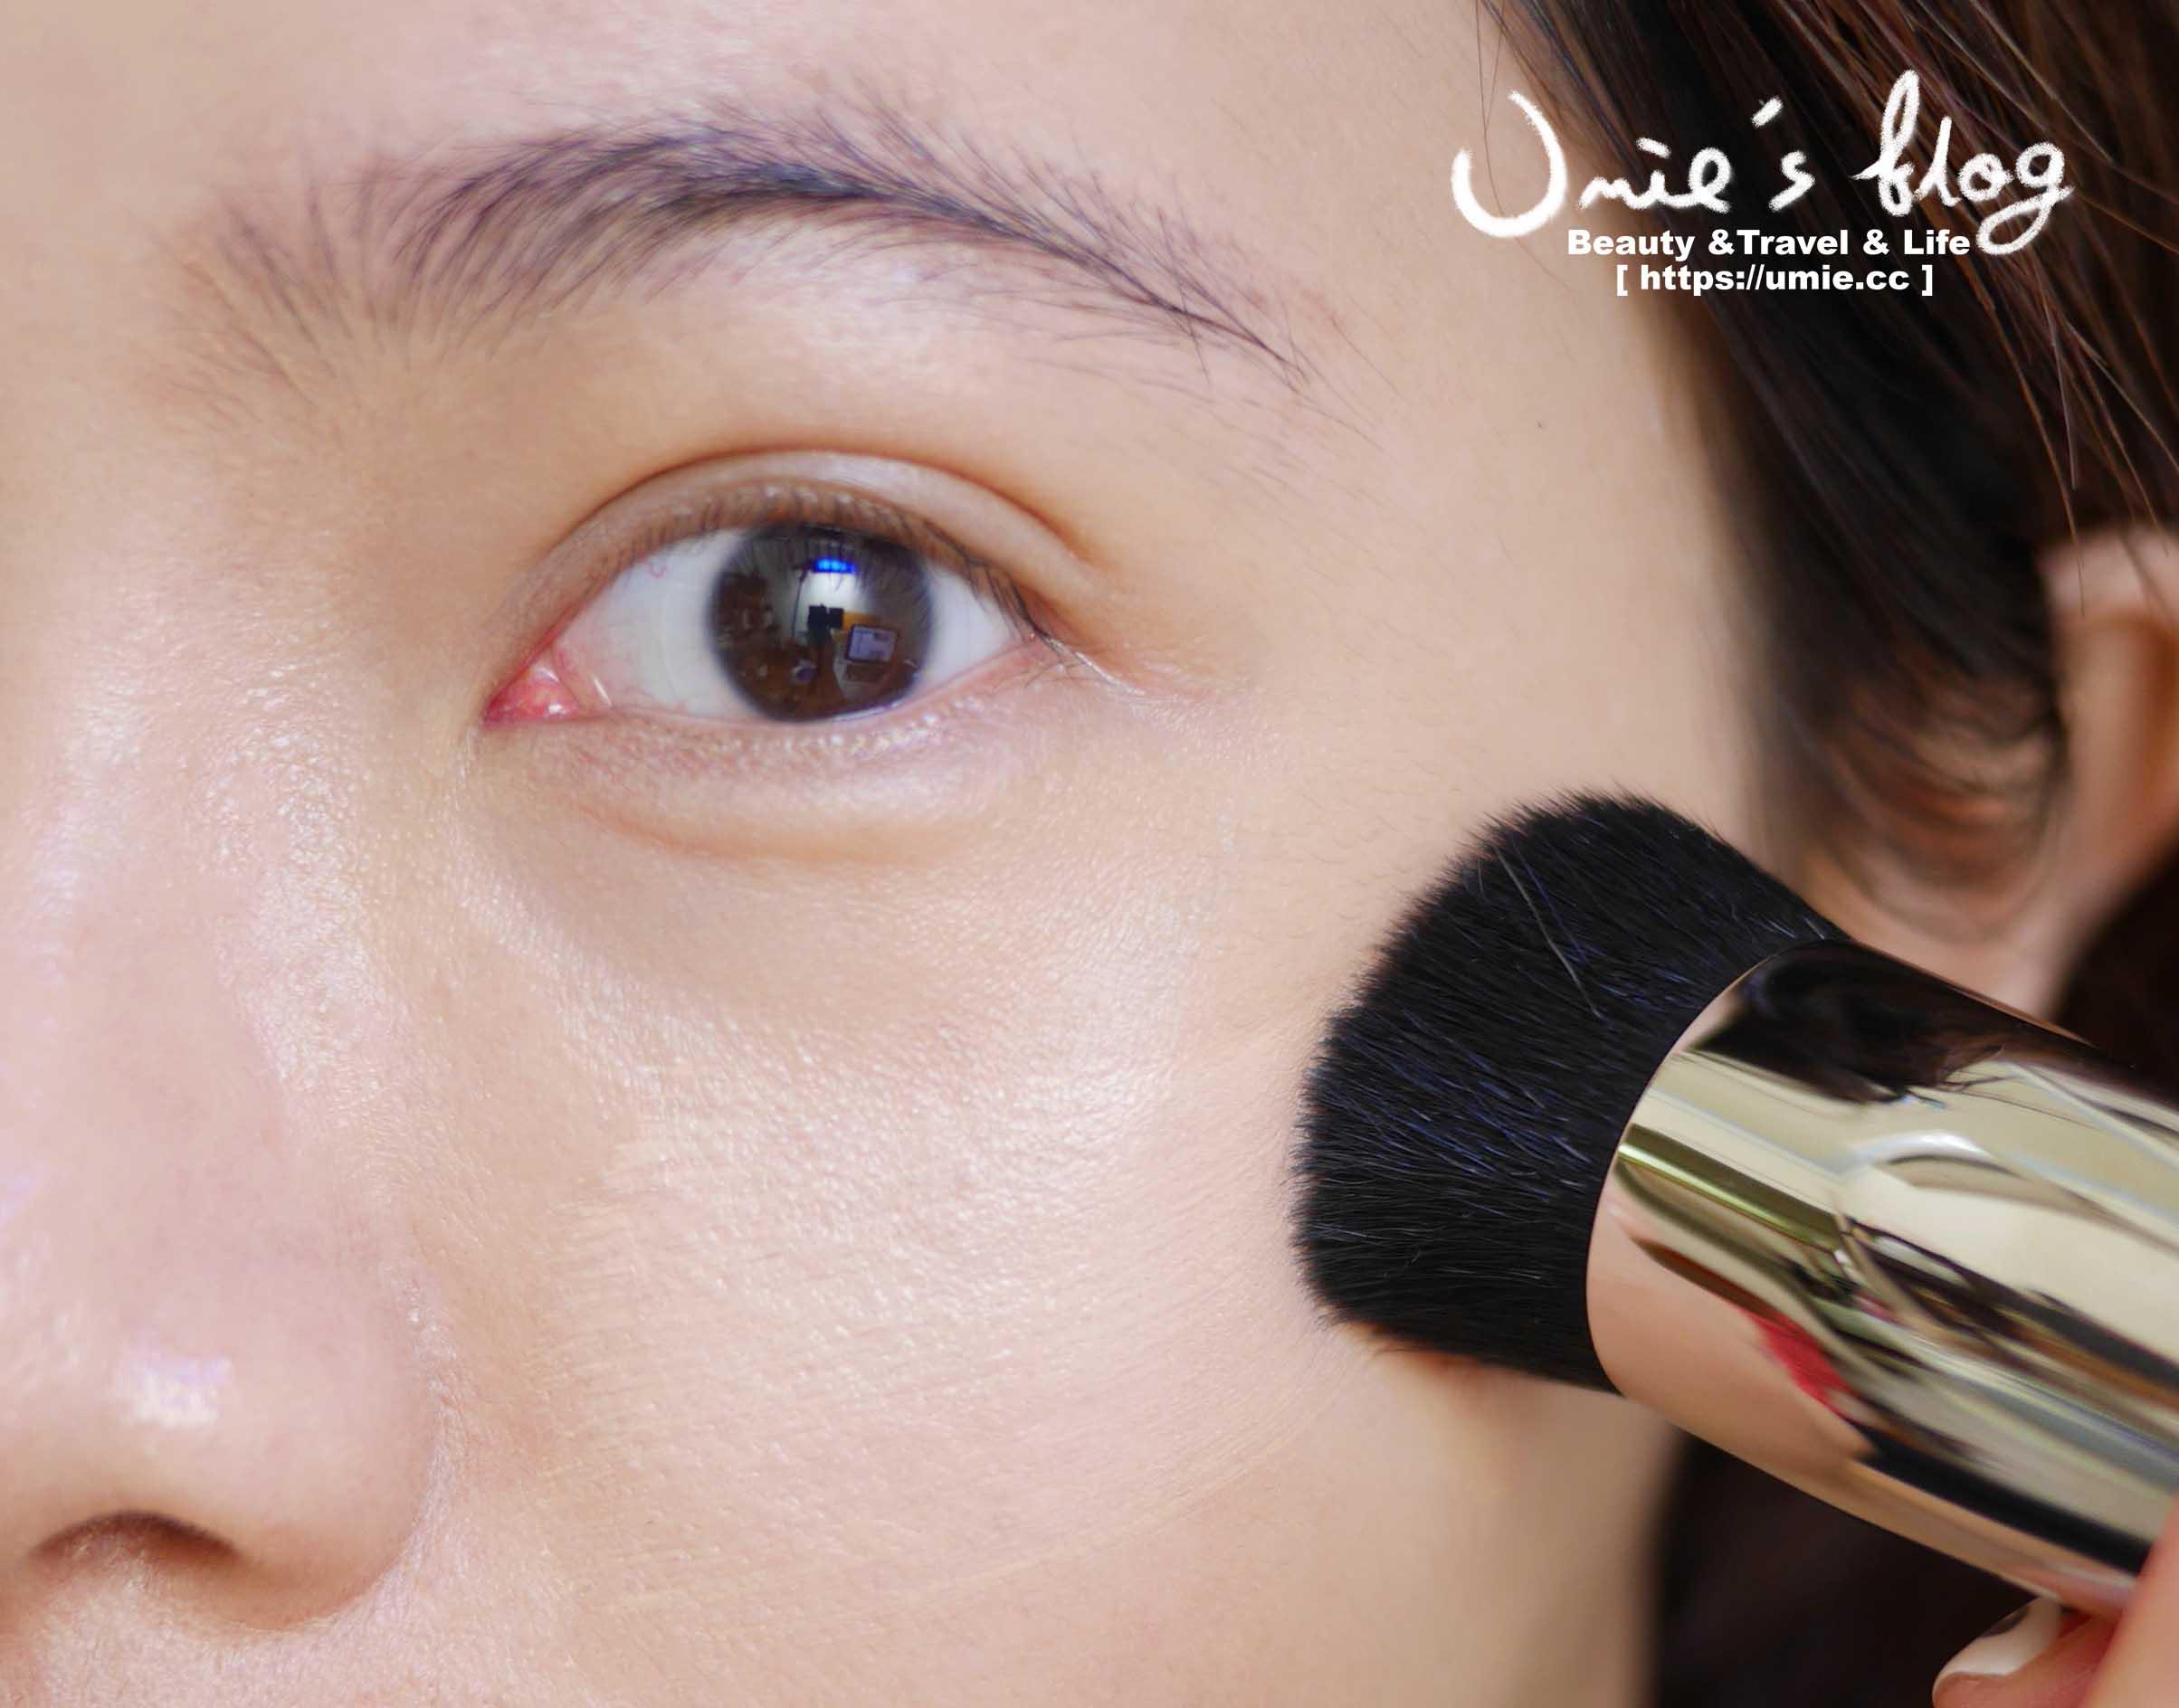 (面膜推薦!)日本熱銷!碳酸泡泡 ORBIS 活氧亮顏碳酸面膜,60 秒暗沉掰掰,肌膚亮起來 :D (洗臉也可以使用喔!)